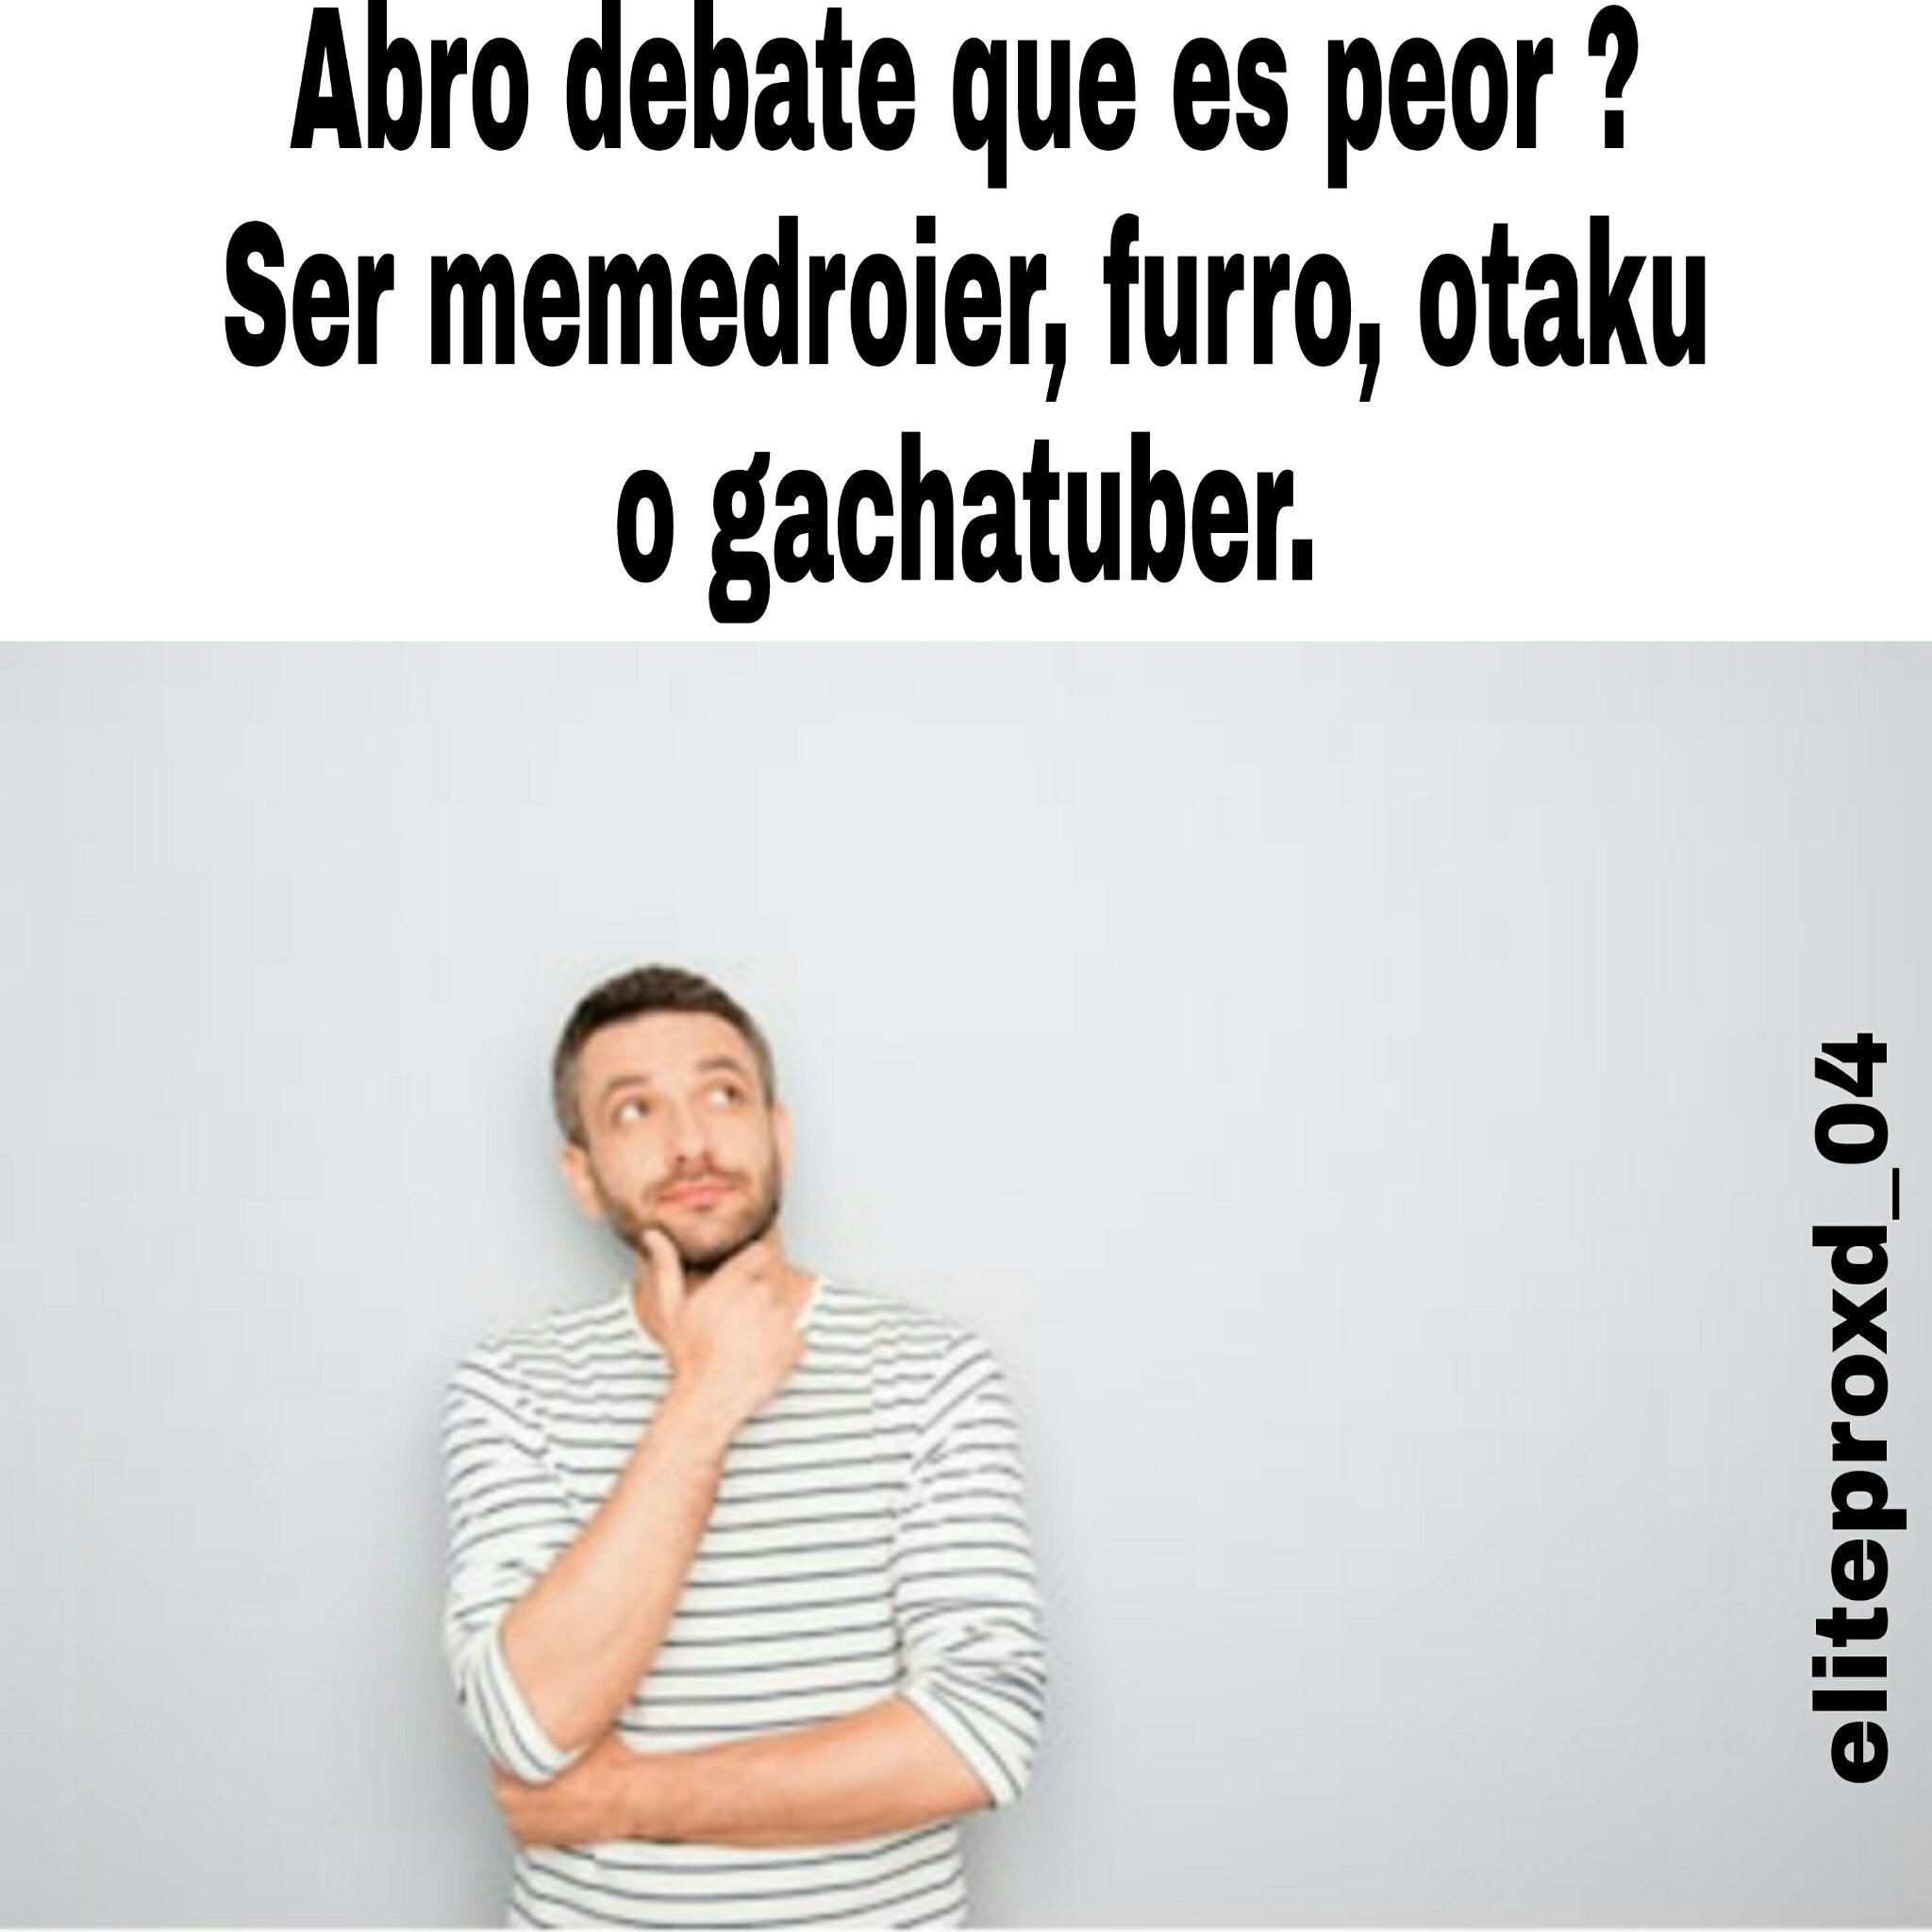 Otro debate y también digan el porque - meme